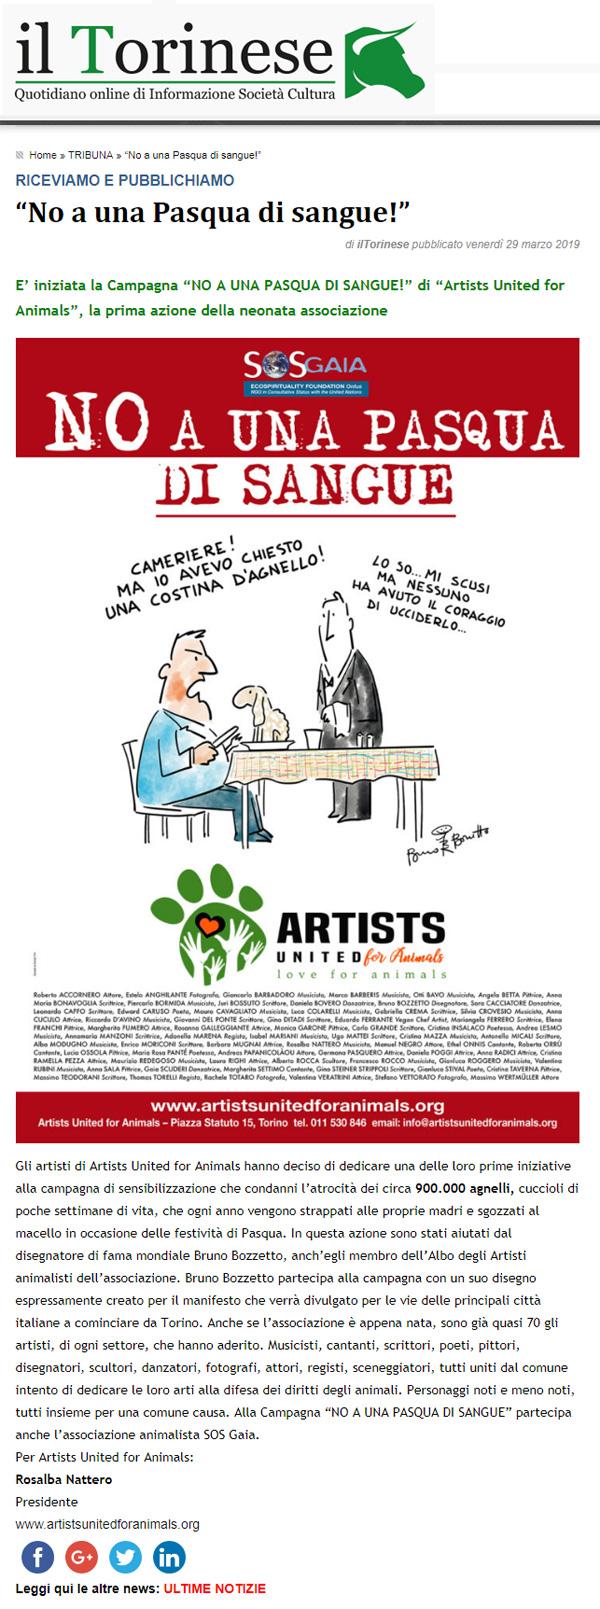 Il-Torinese-29-03-2019-No-a-una-Pasqua-di-sangue-contro-la-strage-degli-agnellini